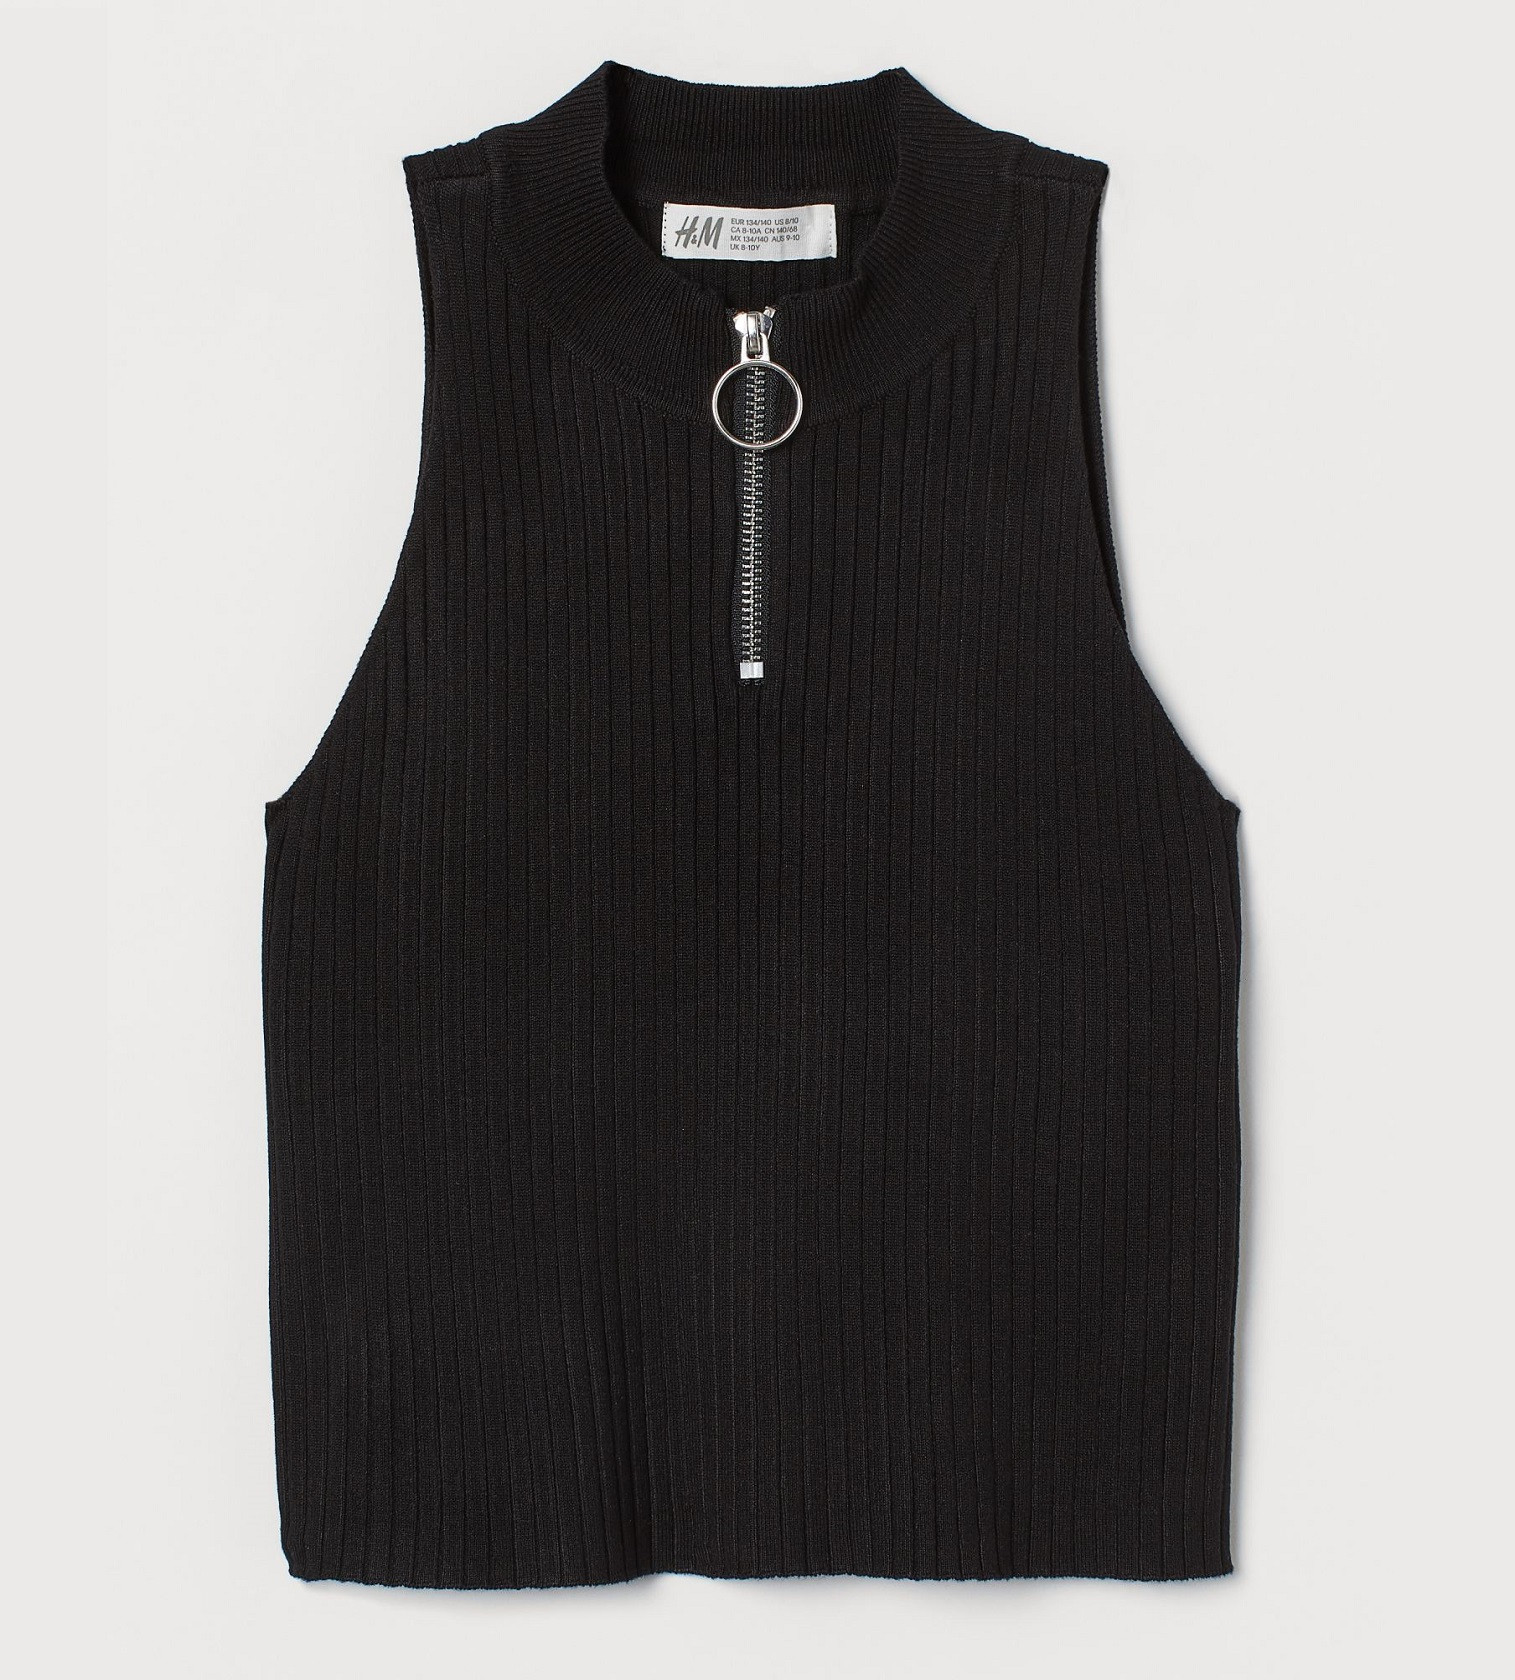 Купити Топ H&M Ribbed Black - фото 1